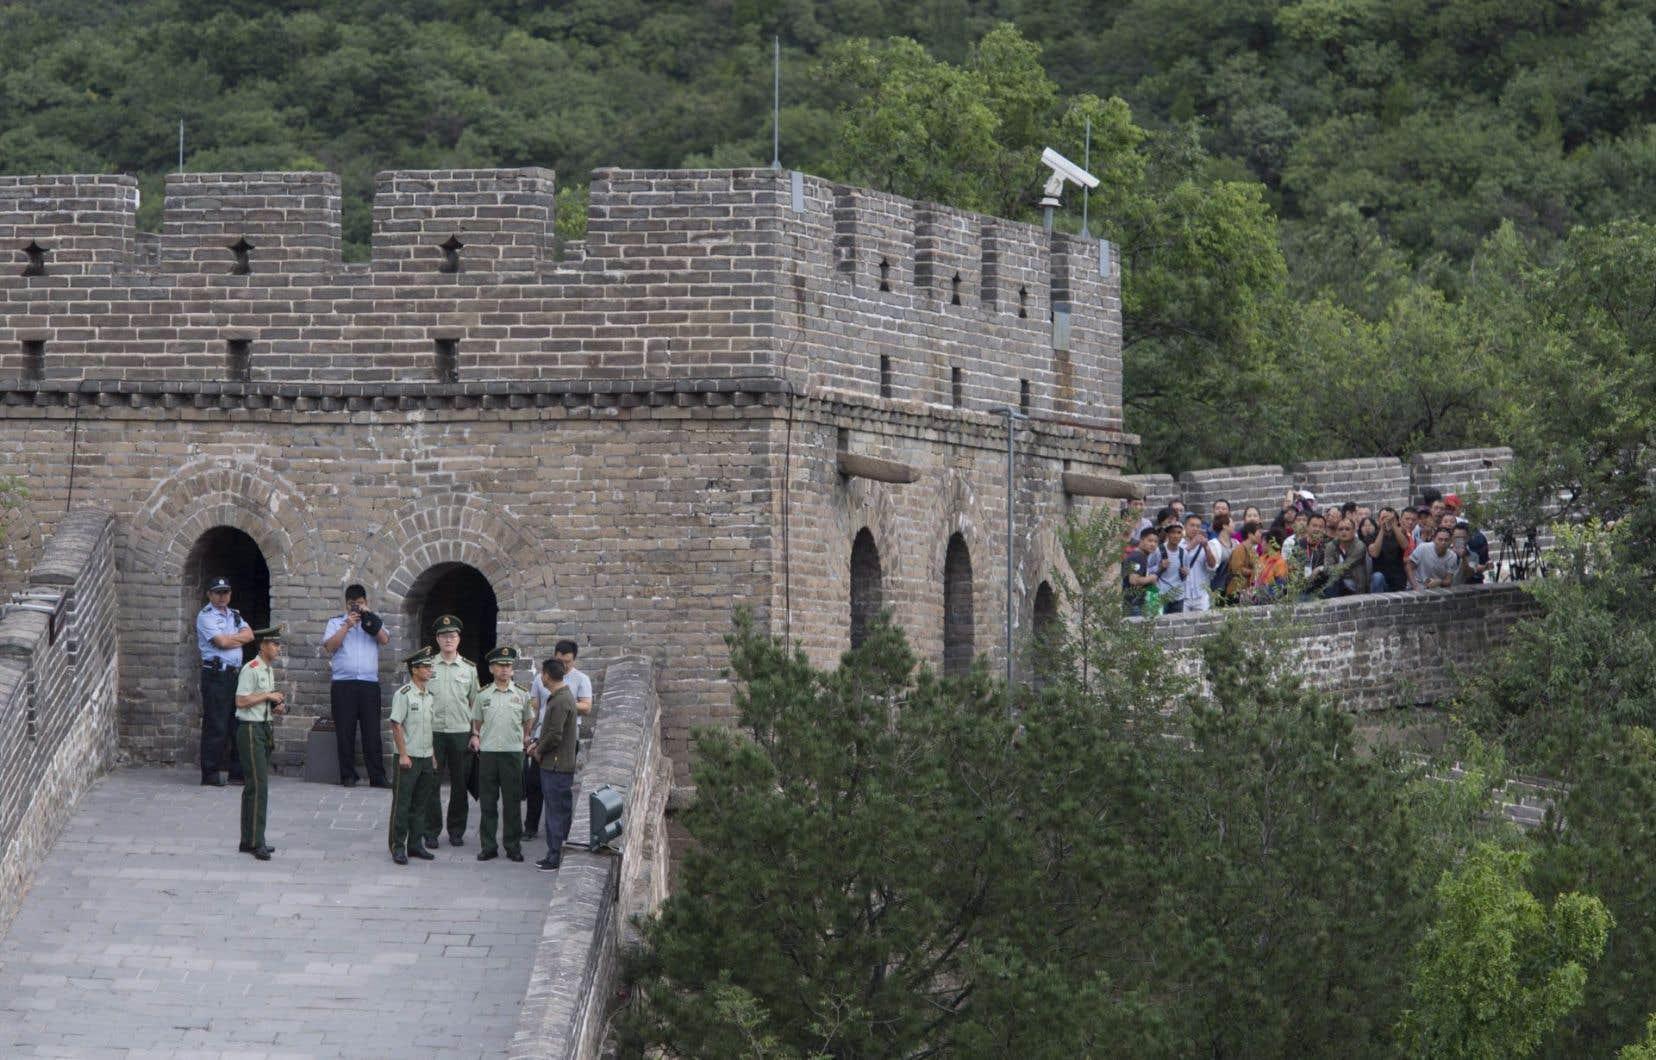 Le Canada souhaite également se rapprocher de la Chine en stimulant le tourisme. Jusqu'à maintenant, les bureaux des visas étaient limités aux municipalités chinoises ayant une présence diplomatique canadienne.